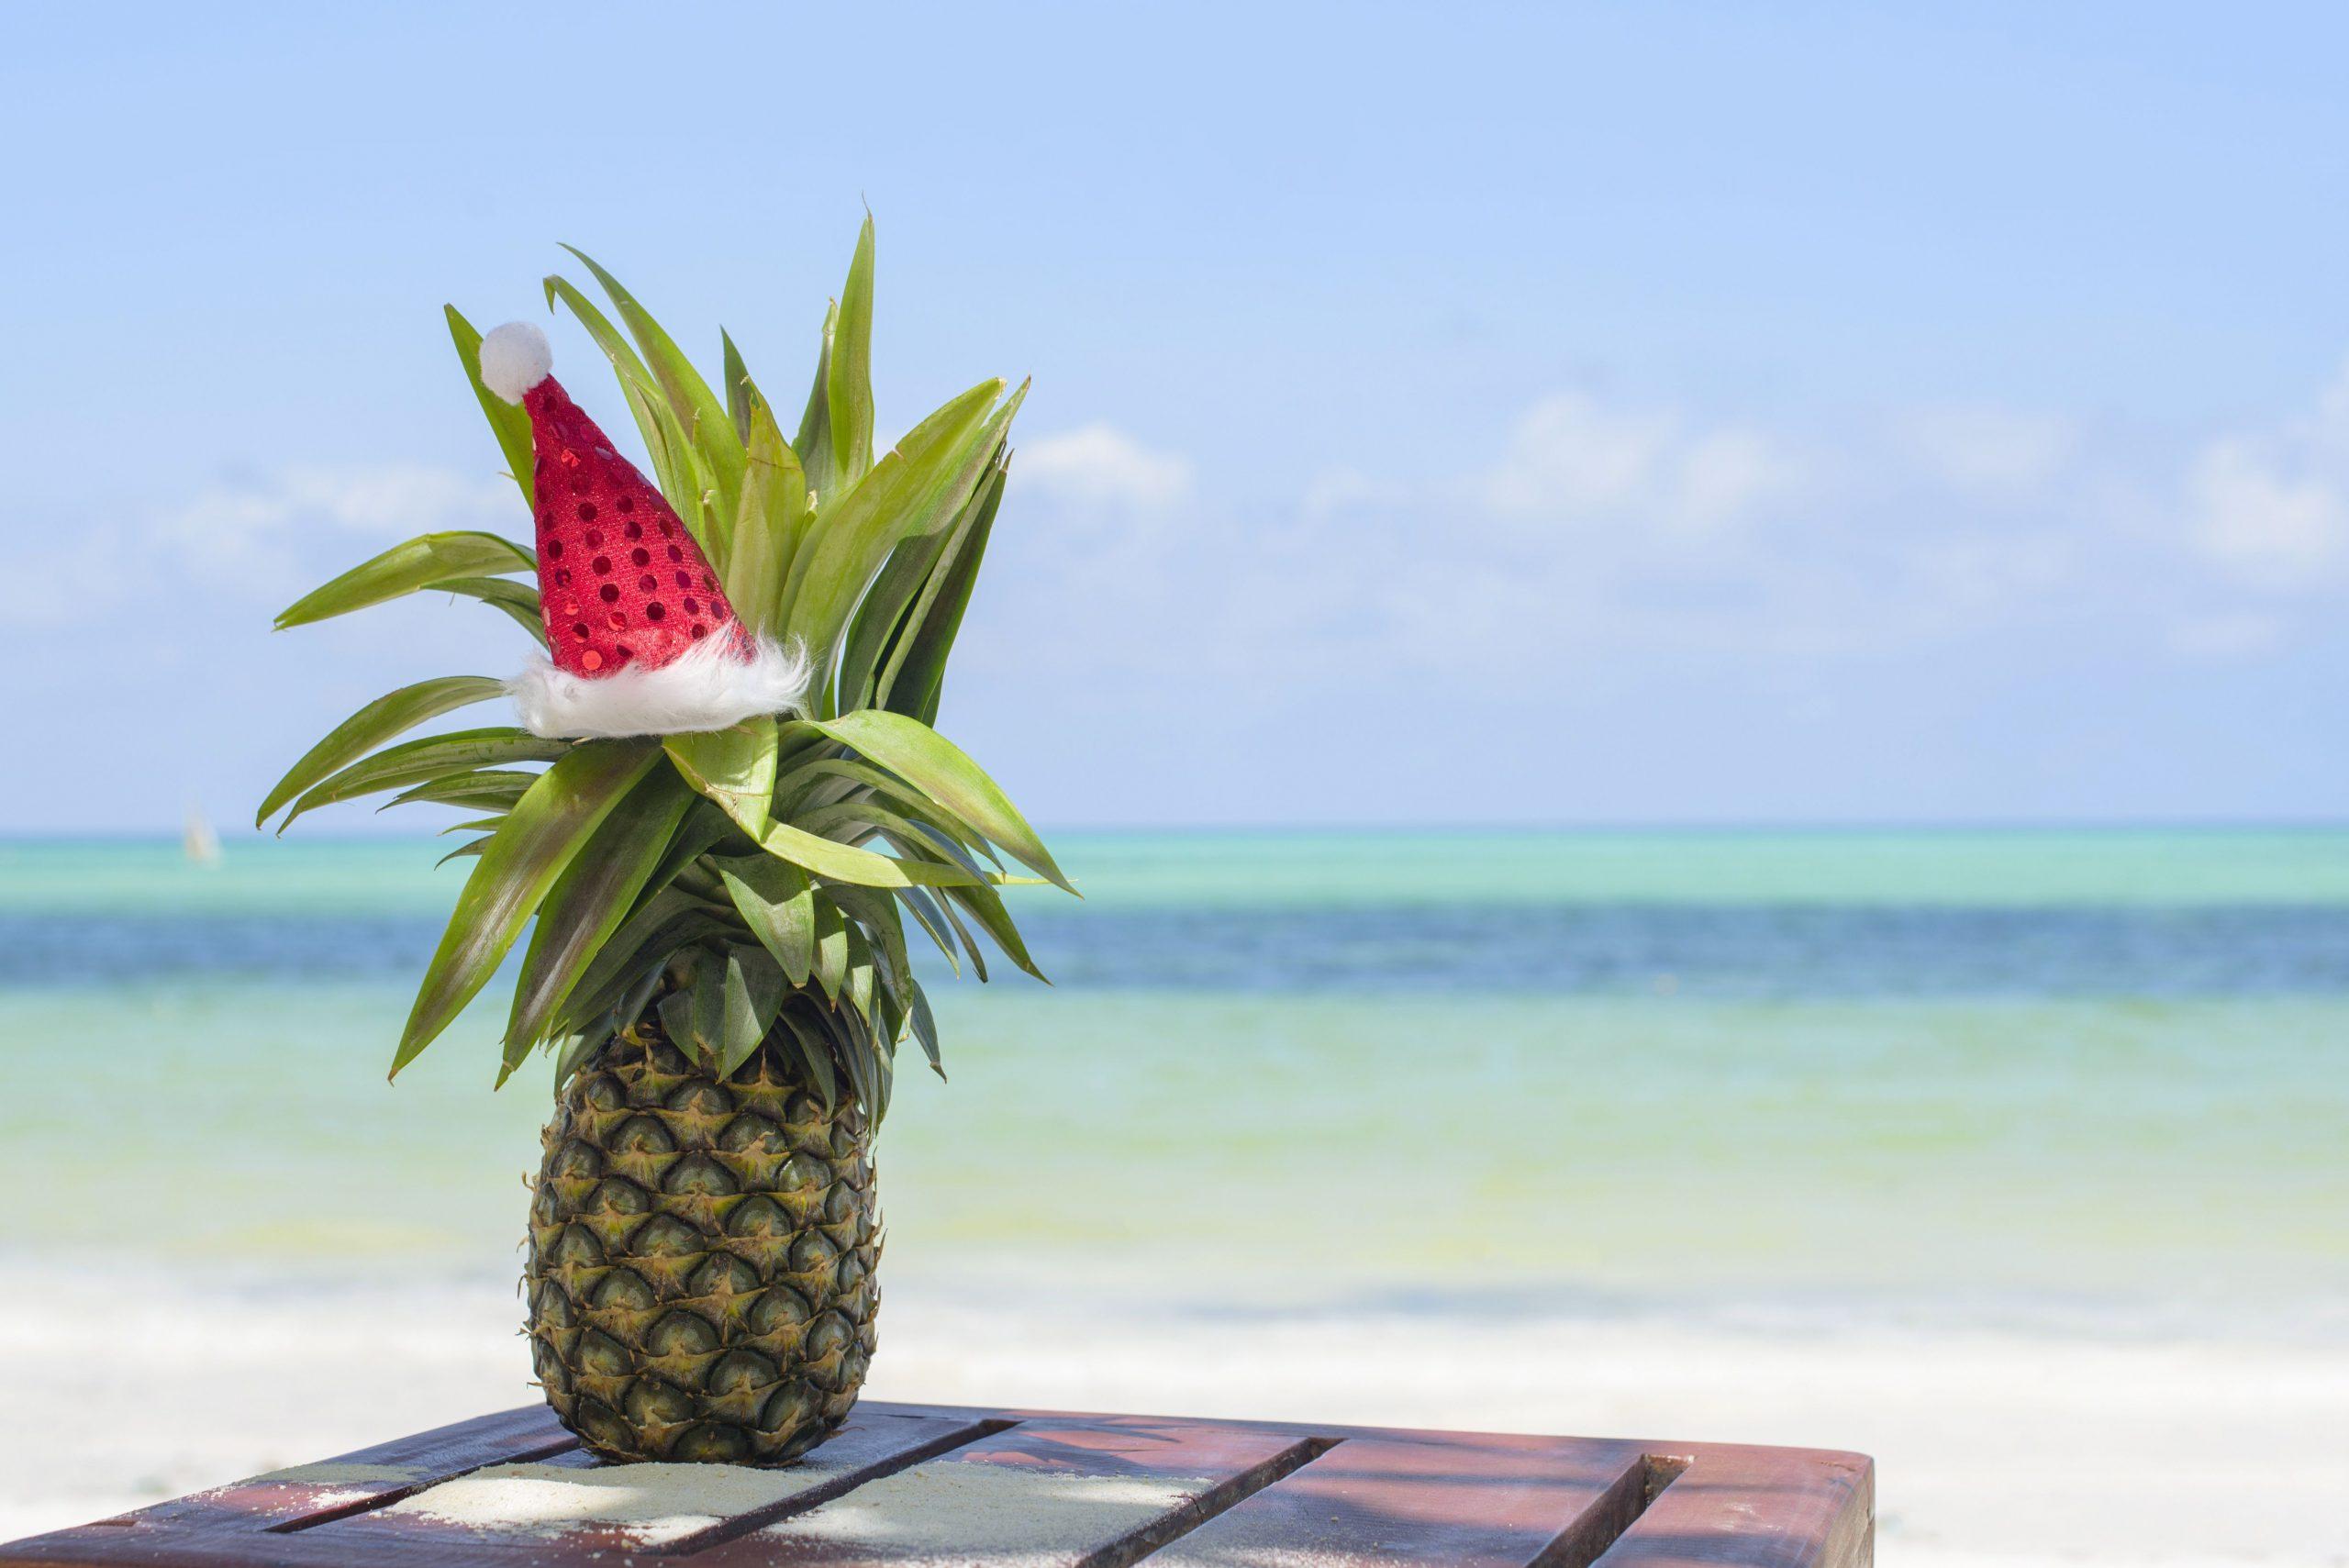 Hotel ZURI ZANZIBAR HOTEL & RESORT 5*, BGW 1/2 VRT, POL,  Novoletni Zanzibar 10 dni